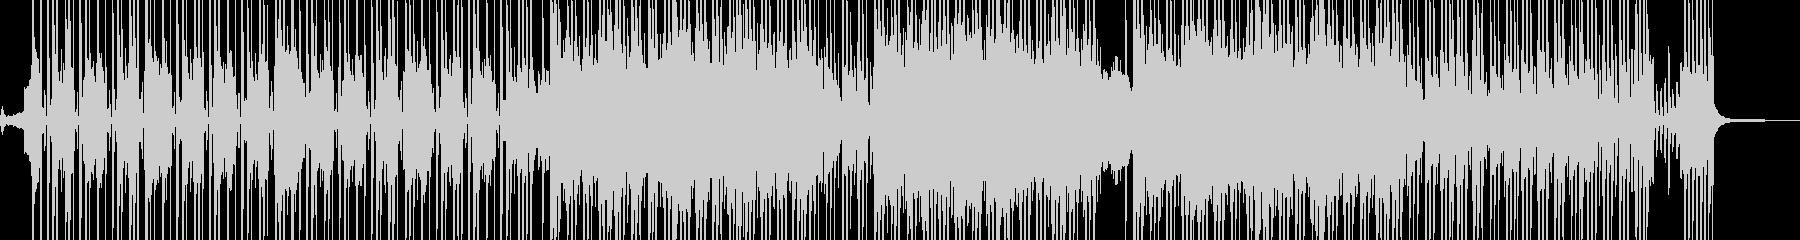 ビターエンドの切ないR&B 短尺の未再生の波形